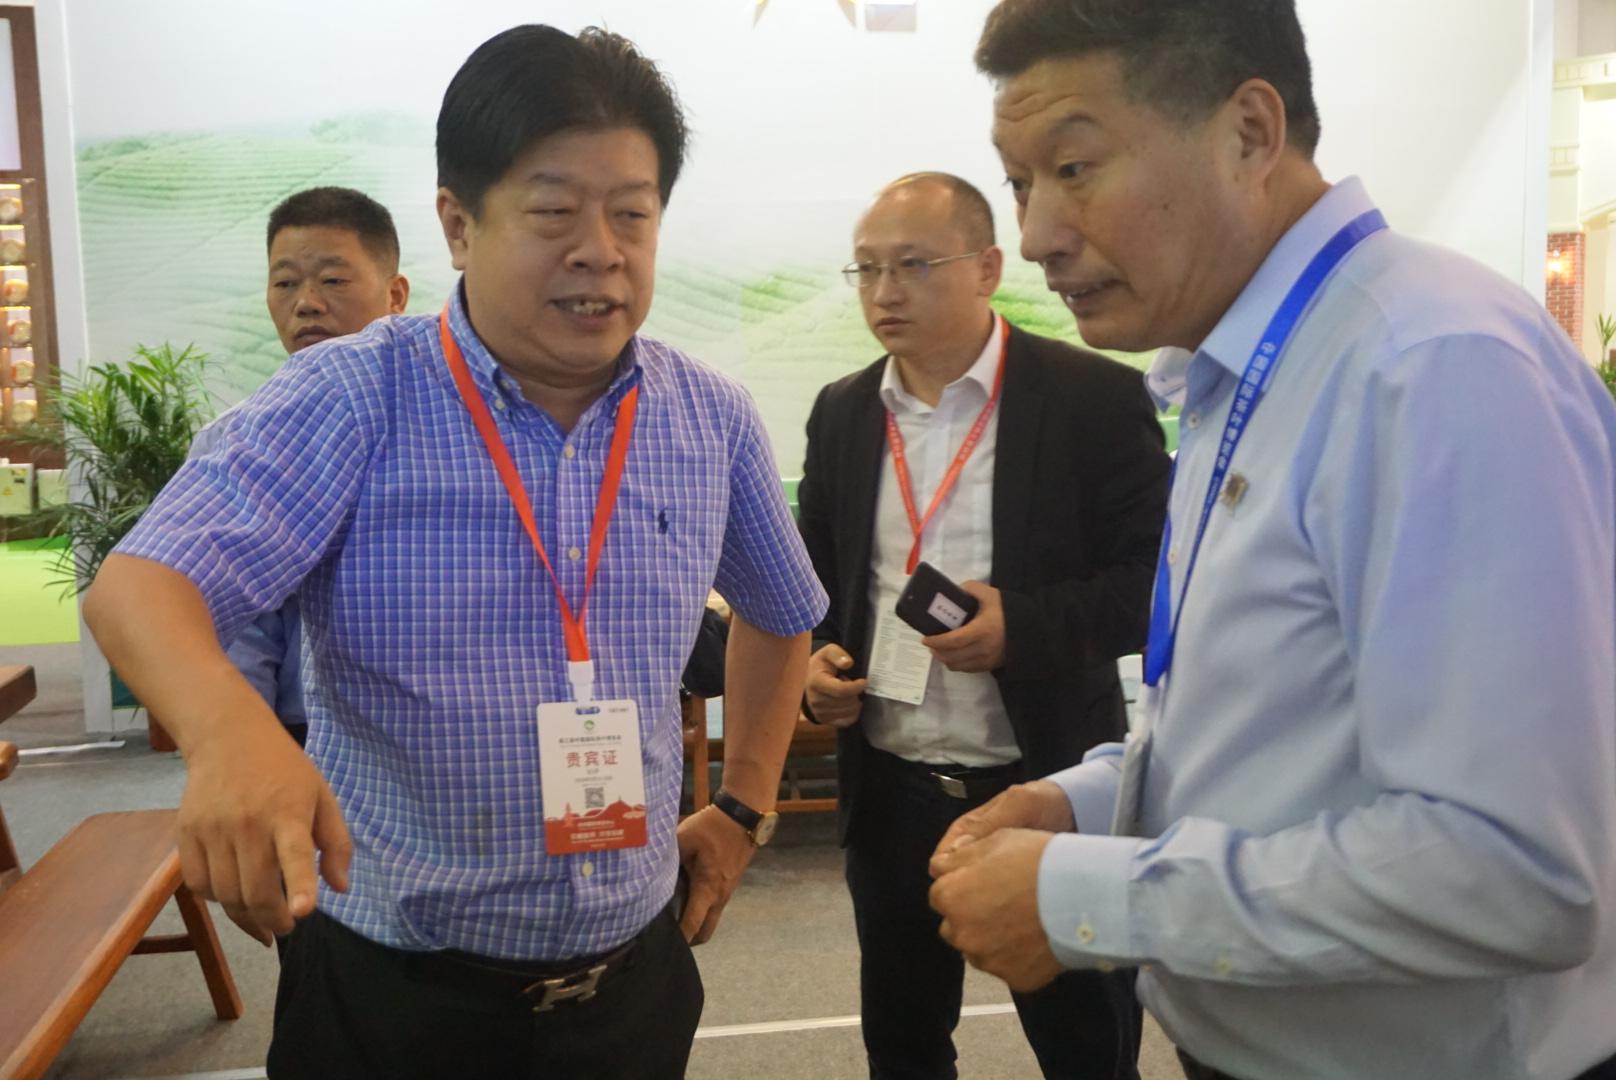 左一為本會常務副會長吳志斌,右一為狮牌龙井董事长余伟永